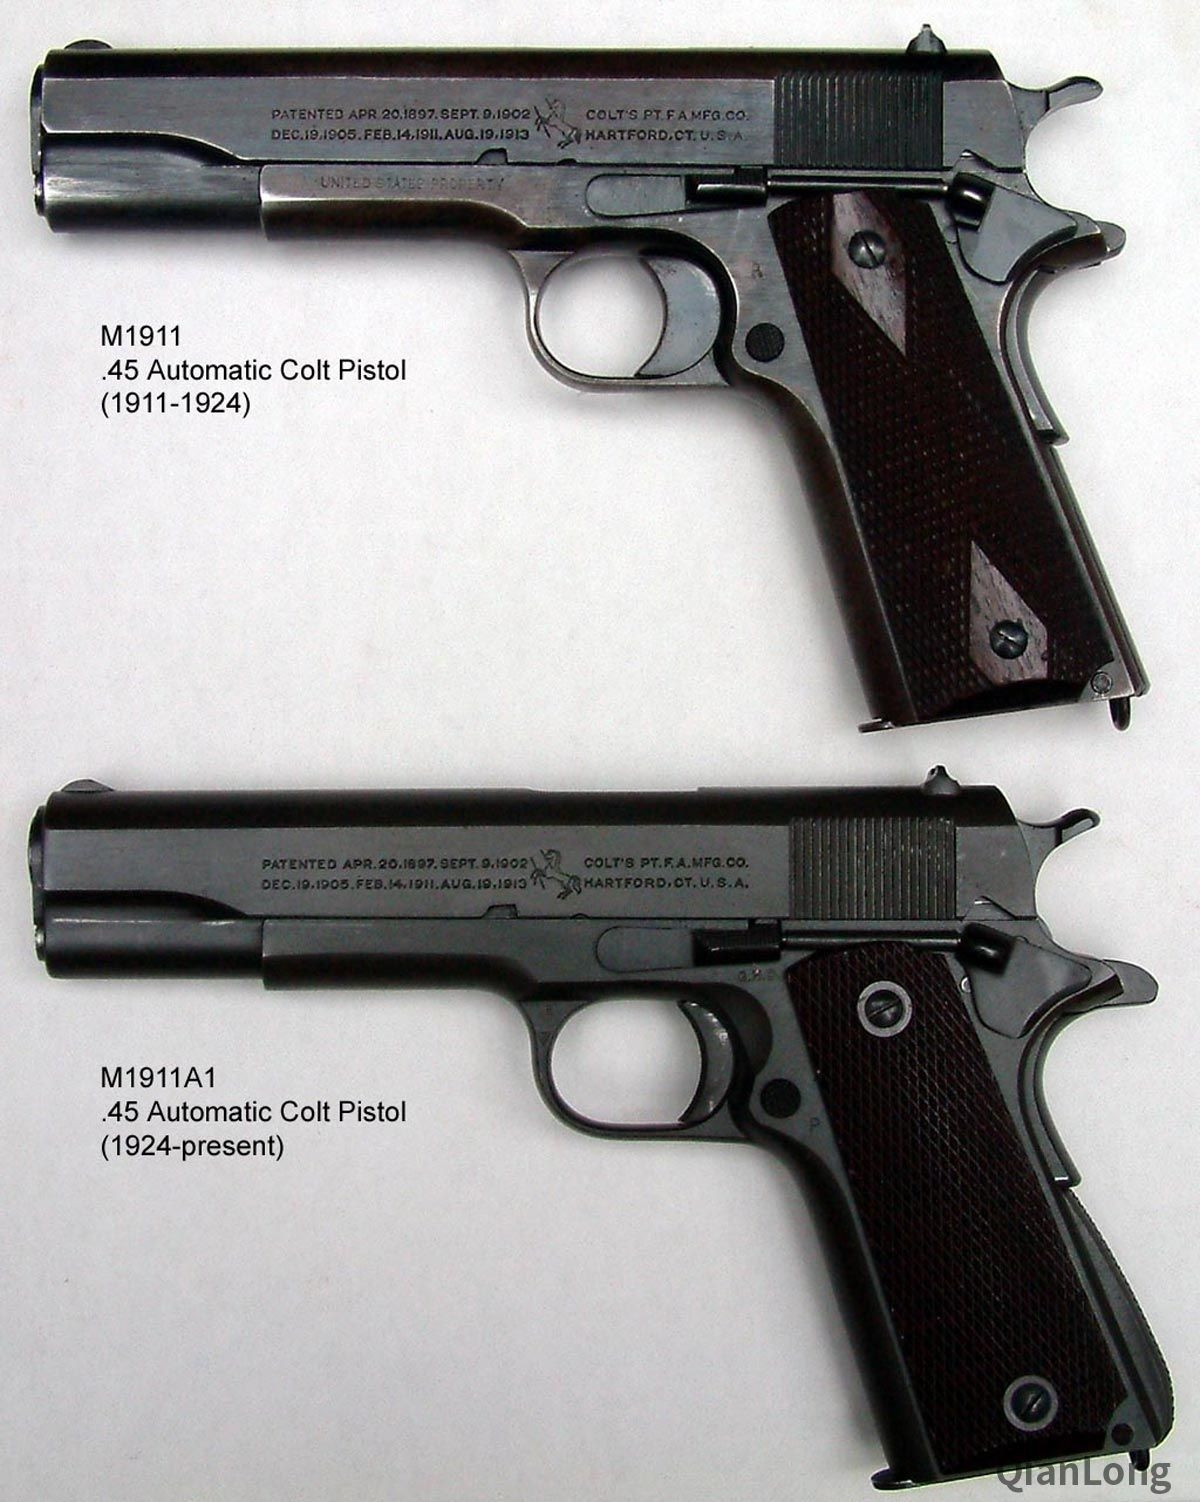 想问M1911A1 枪身右侧的拨杆是什么作用如图 红圈里的 类似保险机...